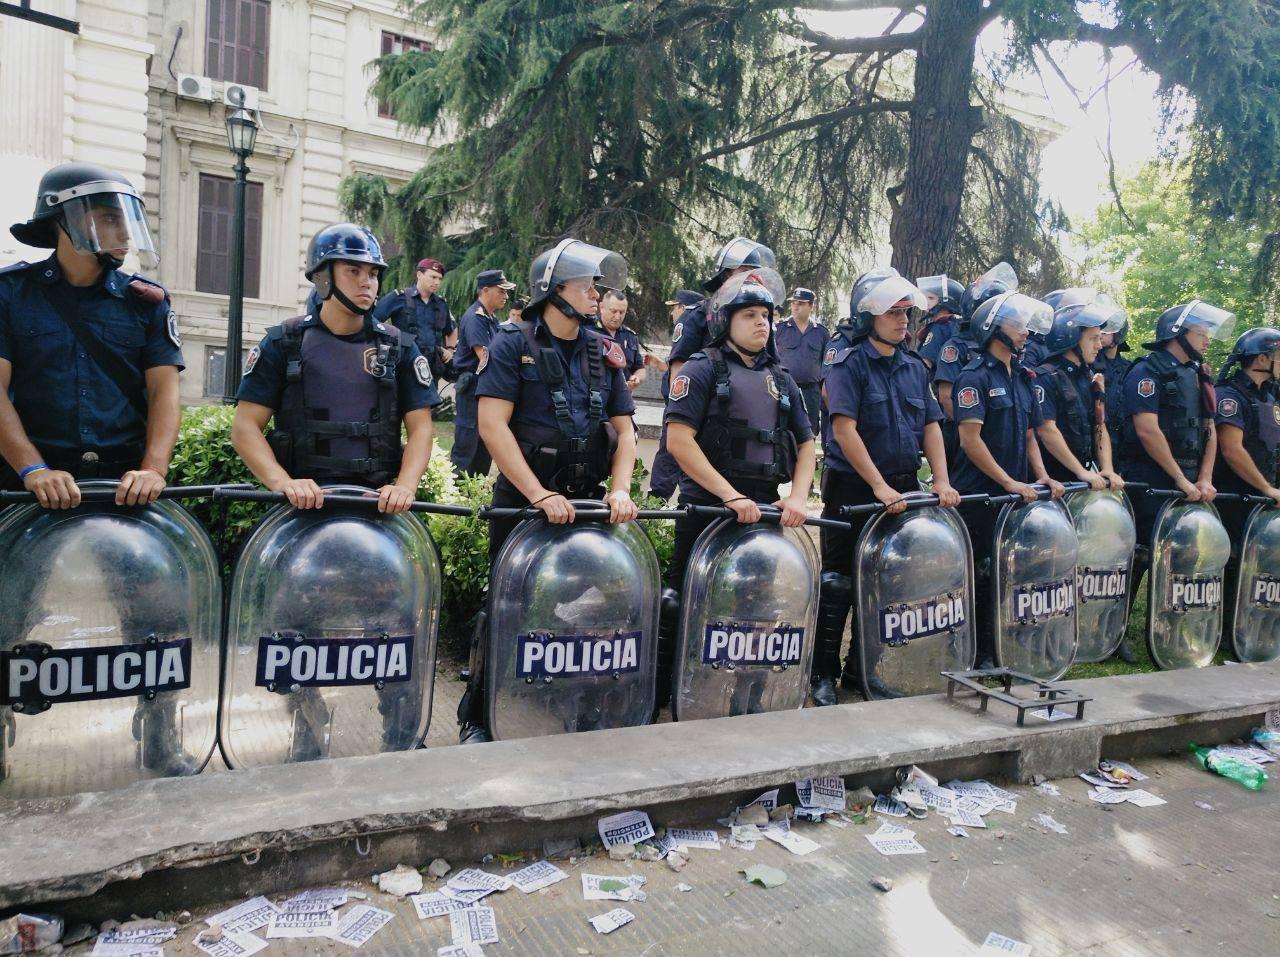 Represión en La Plata: Vidal también intentó aprobar leyes por la fuerza y fracasó